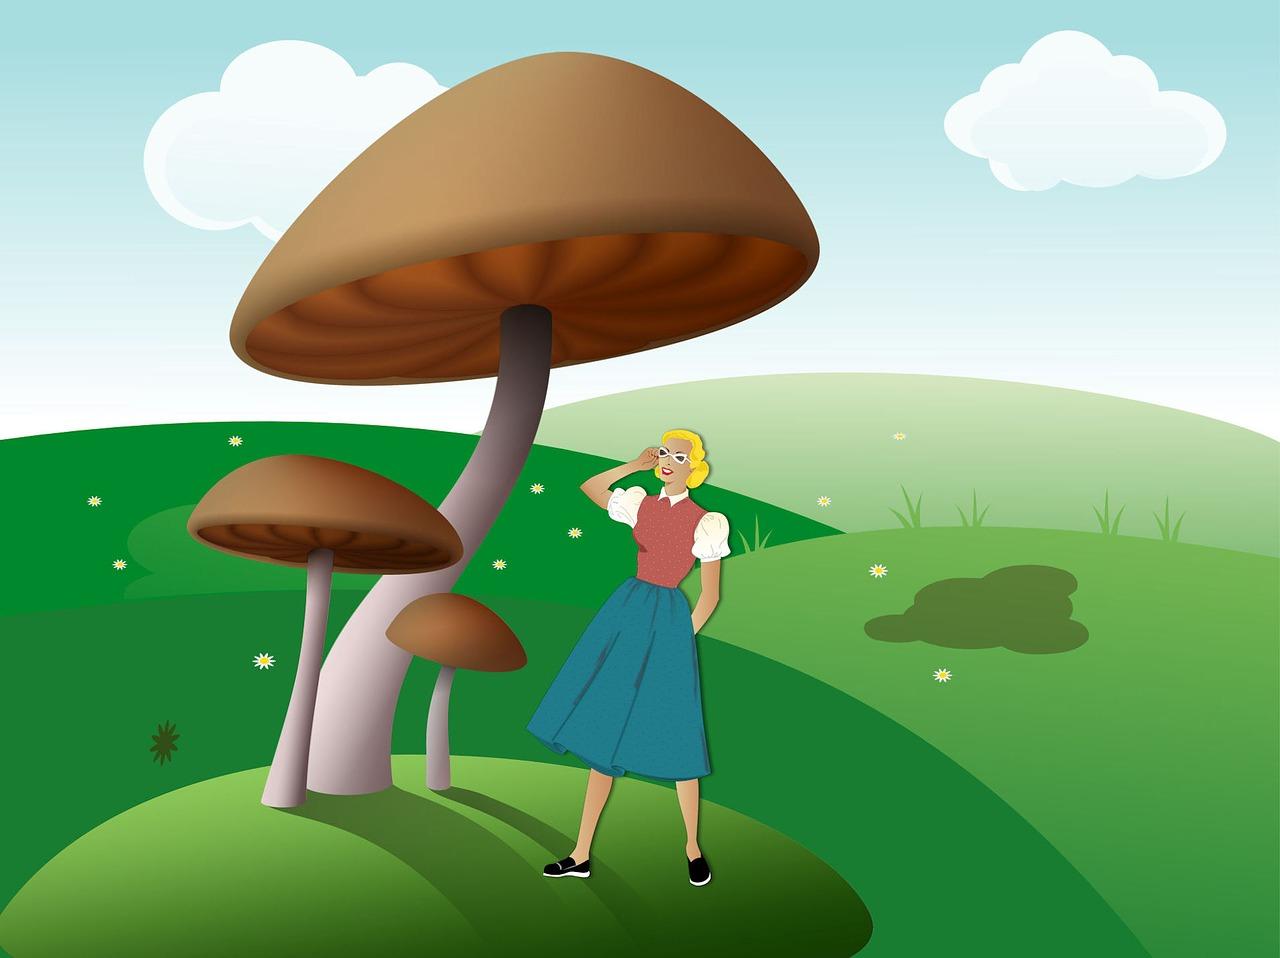 этом анимационные картинки о грибах эхнатон сделал